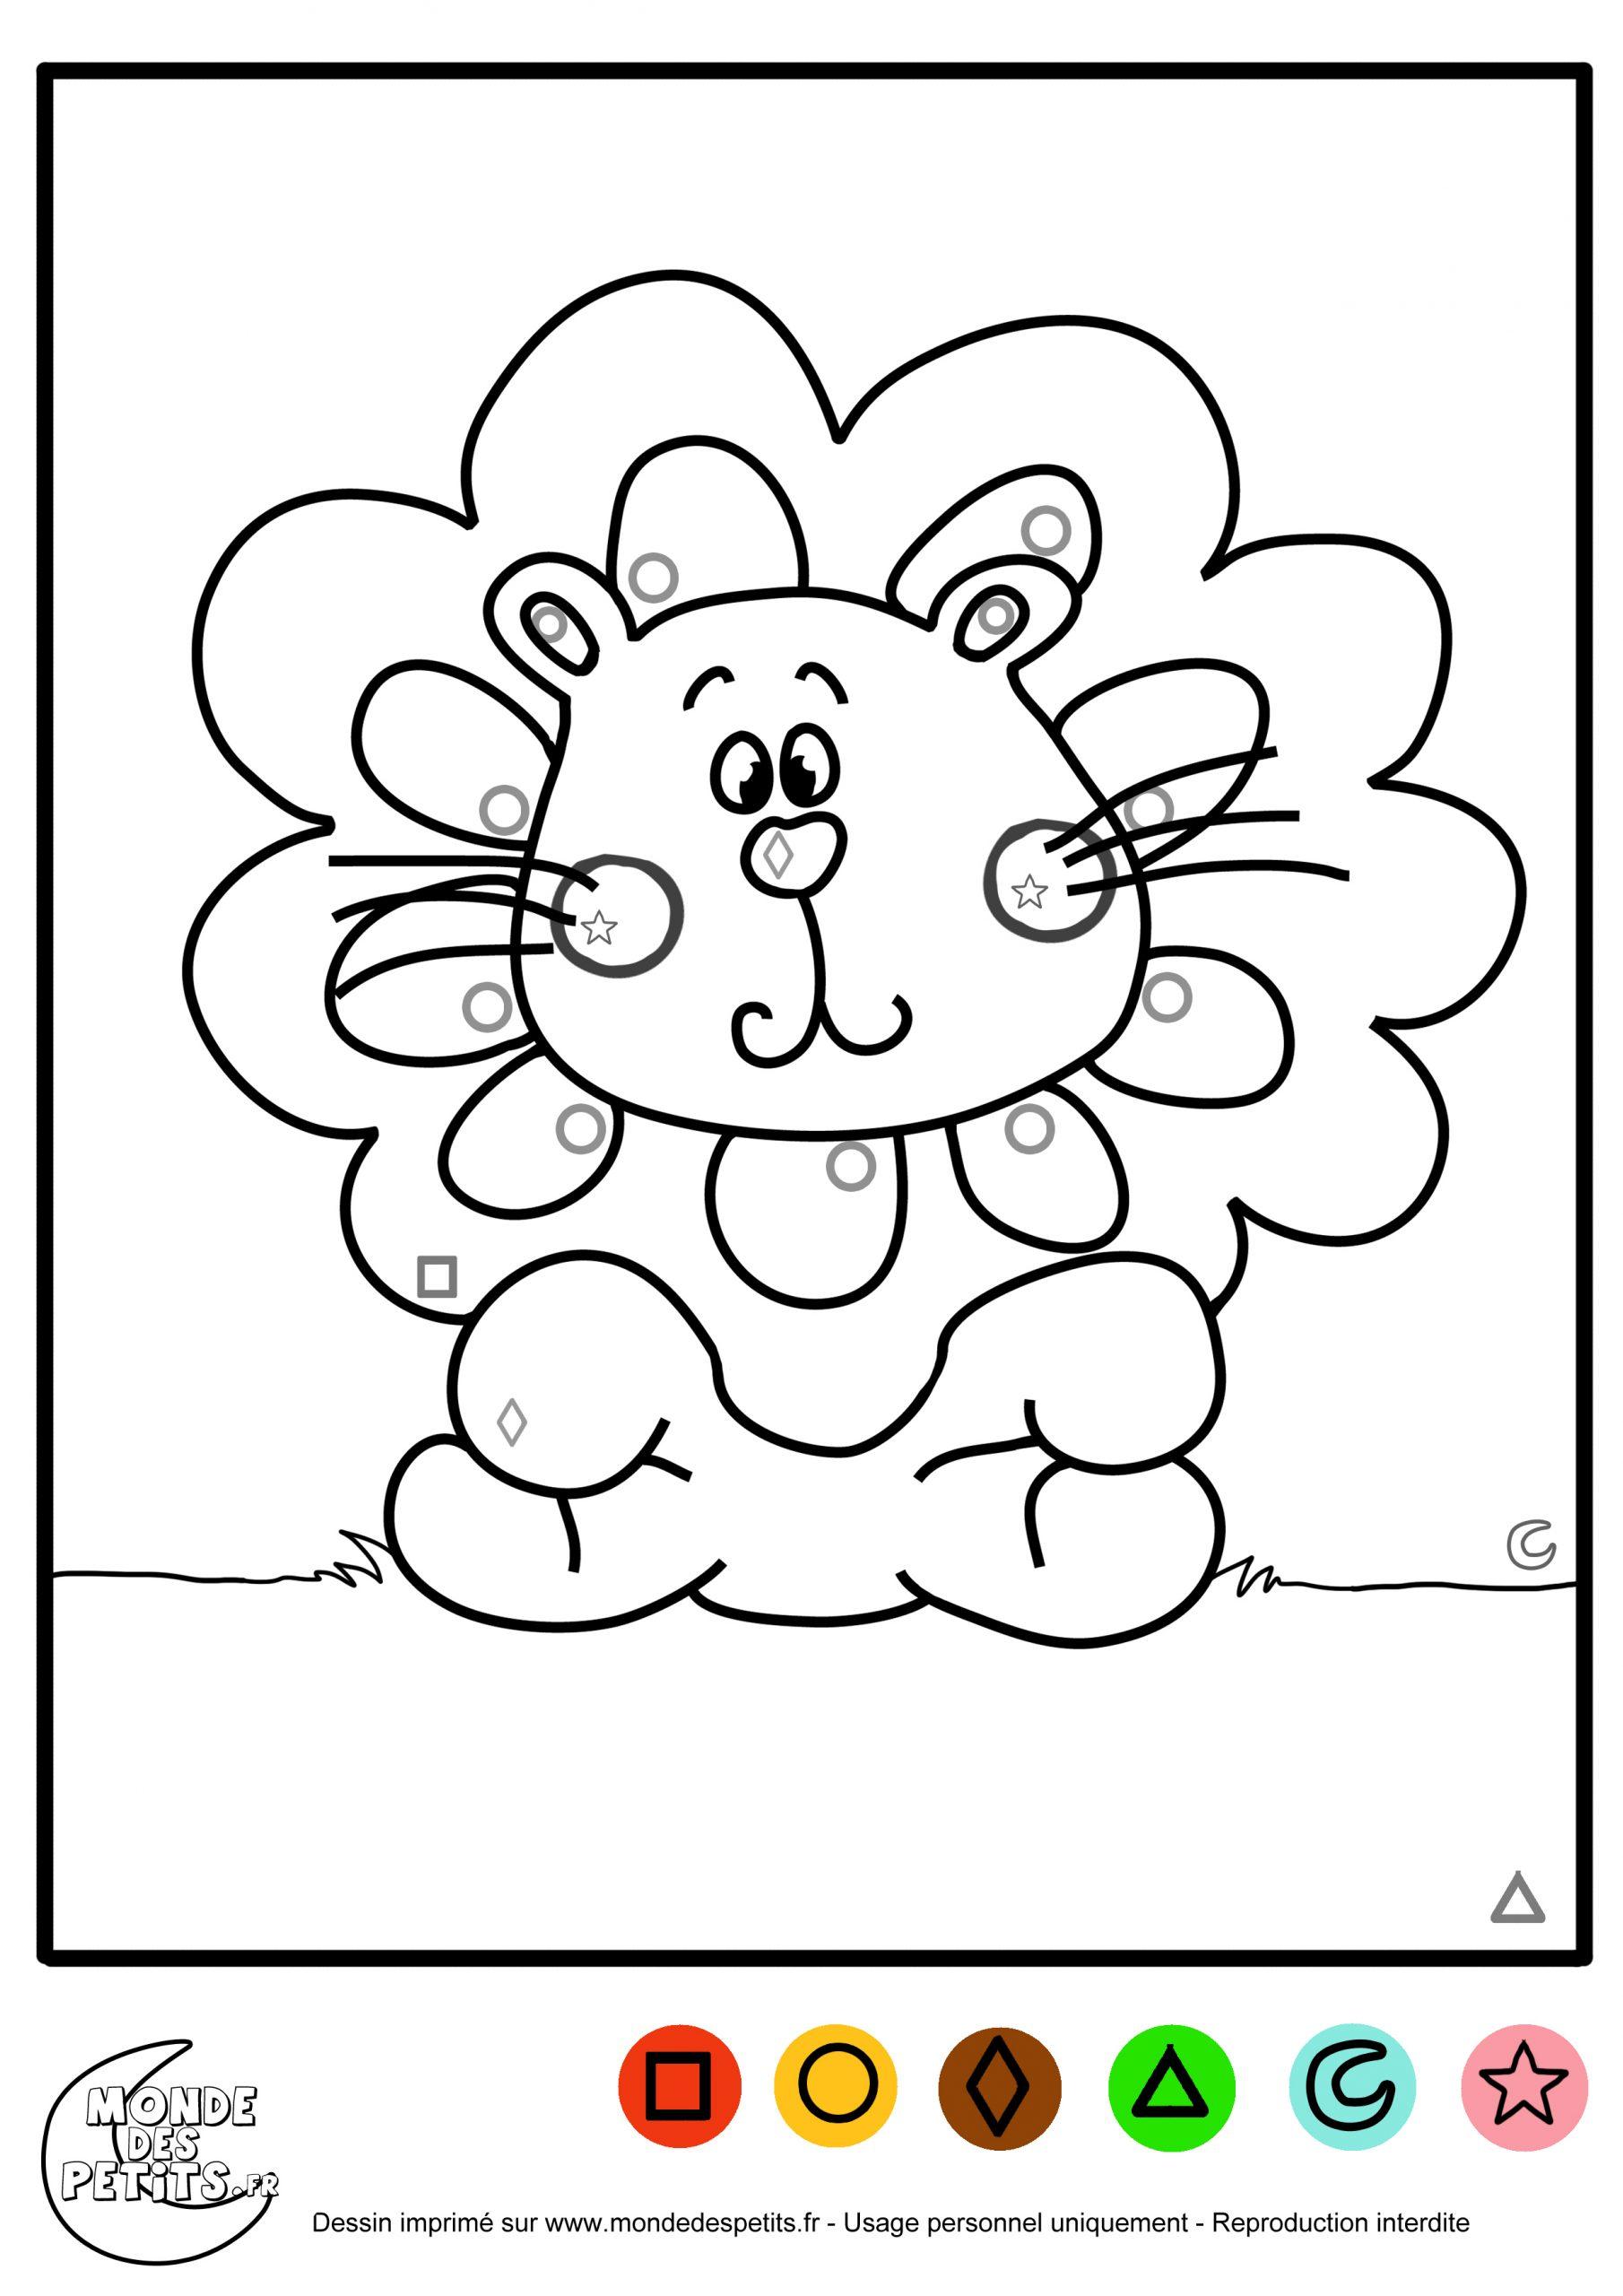 Monde Des Petits - Coloriages À Imprimer pour Coloriage Magique Petite Section